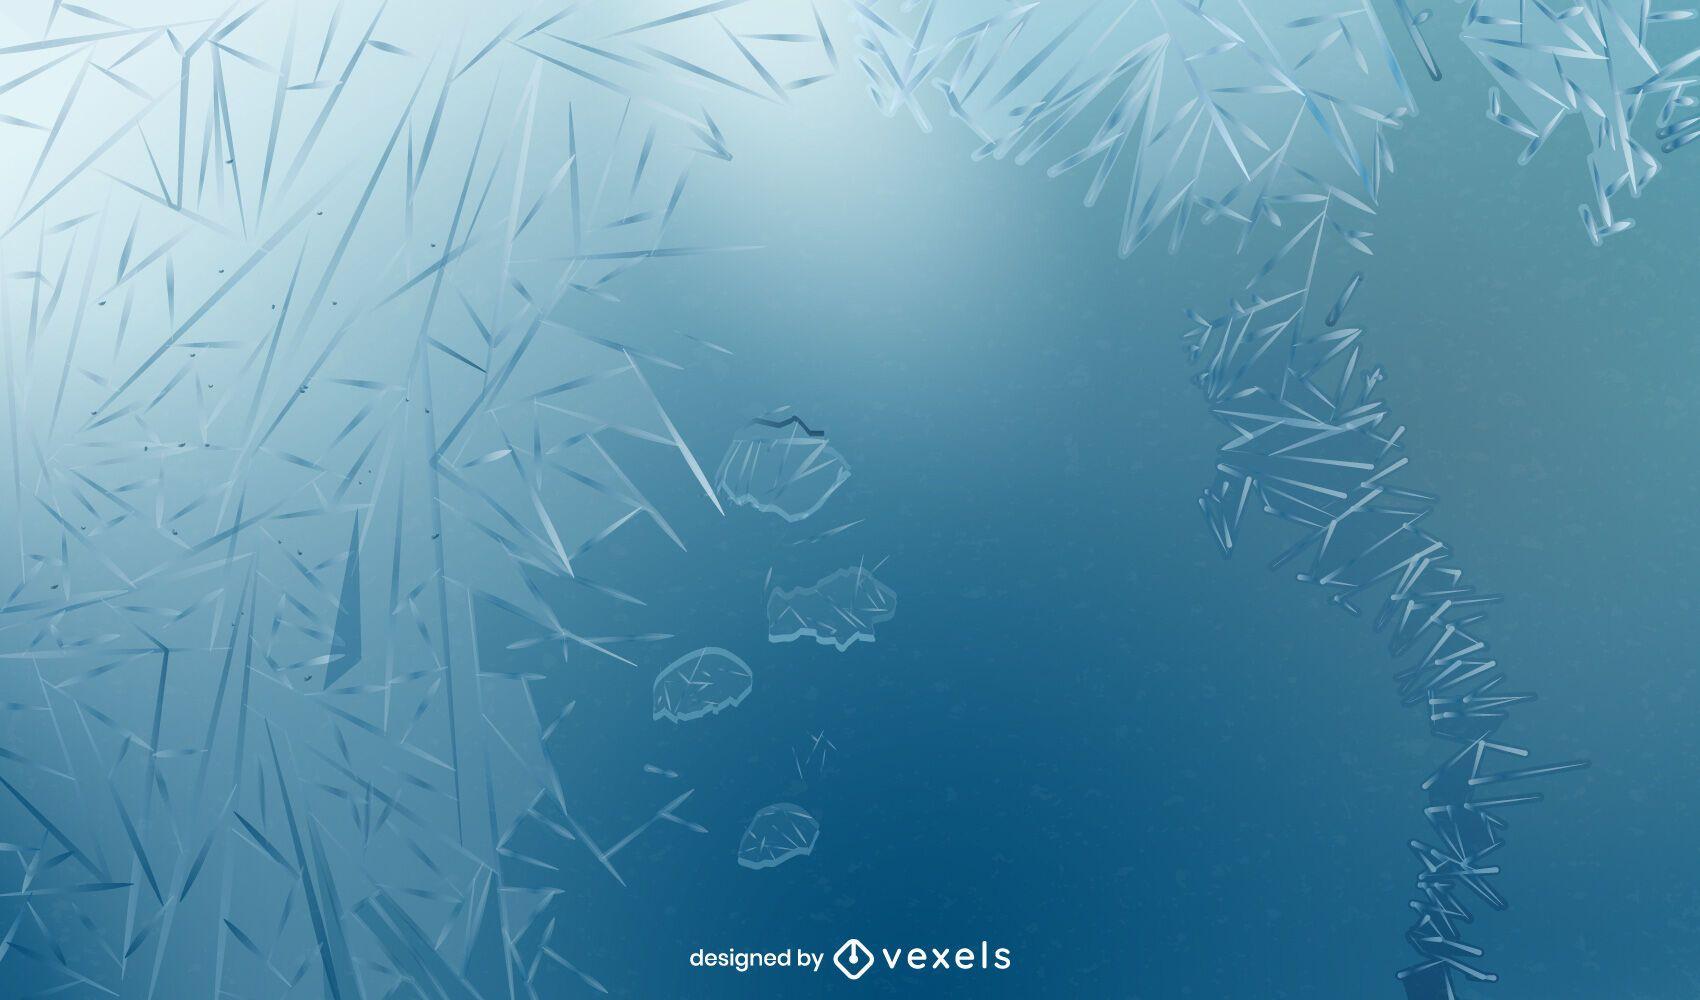 Frozen background design